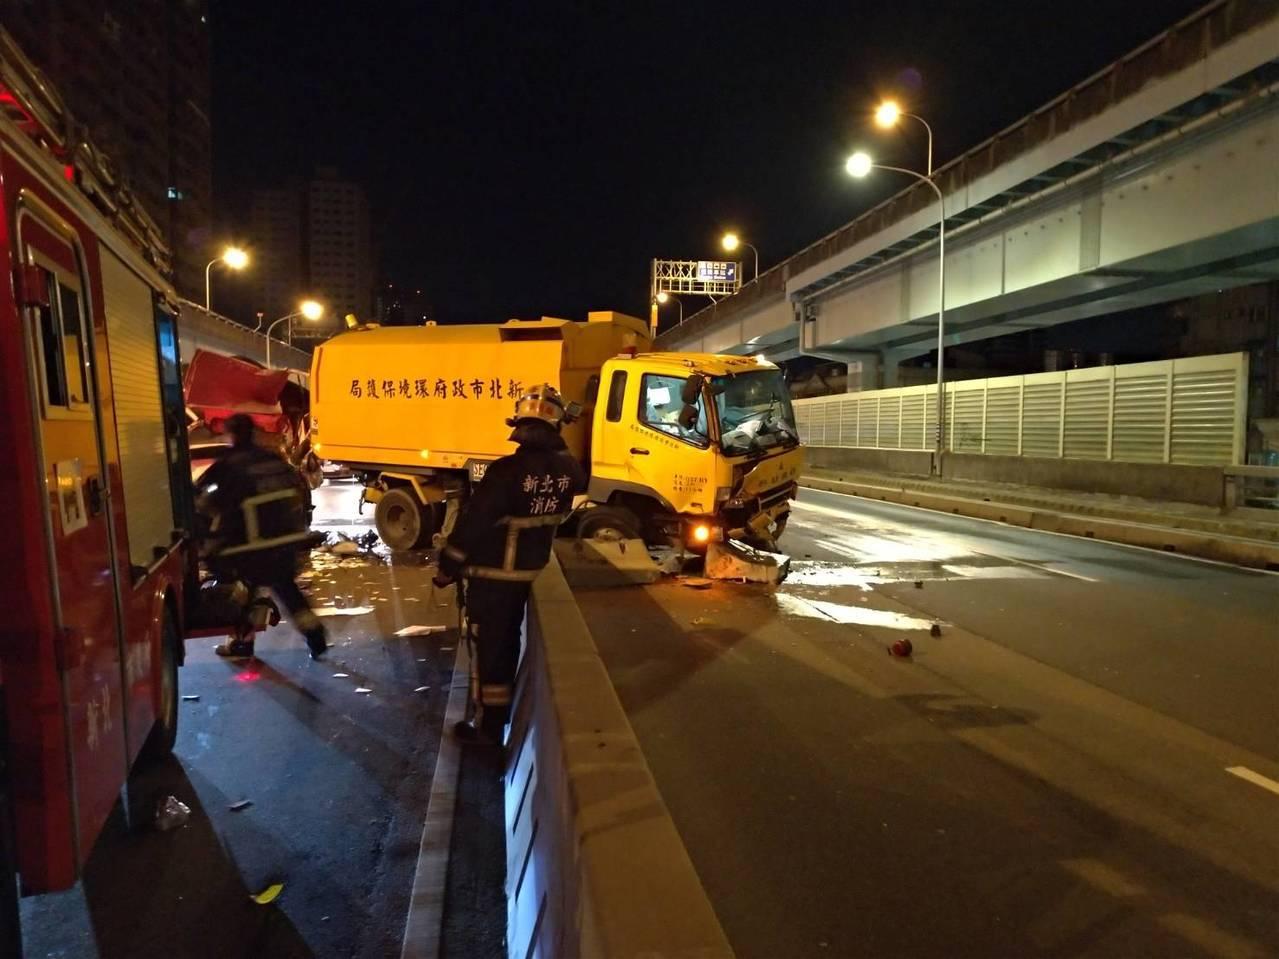 小貨車由後方追撞把掃街車擠到對向車道。記者林昭彰/翻攝